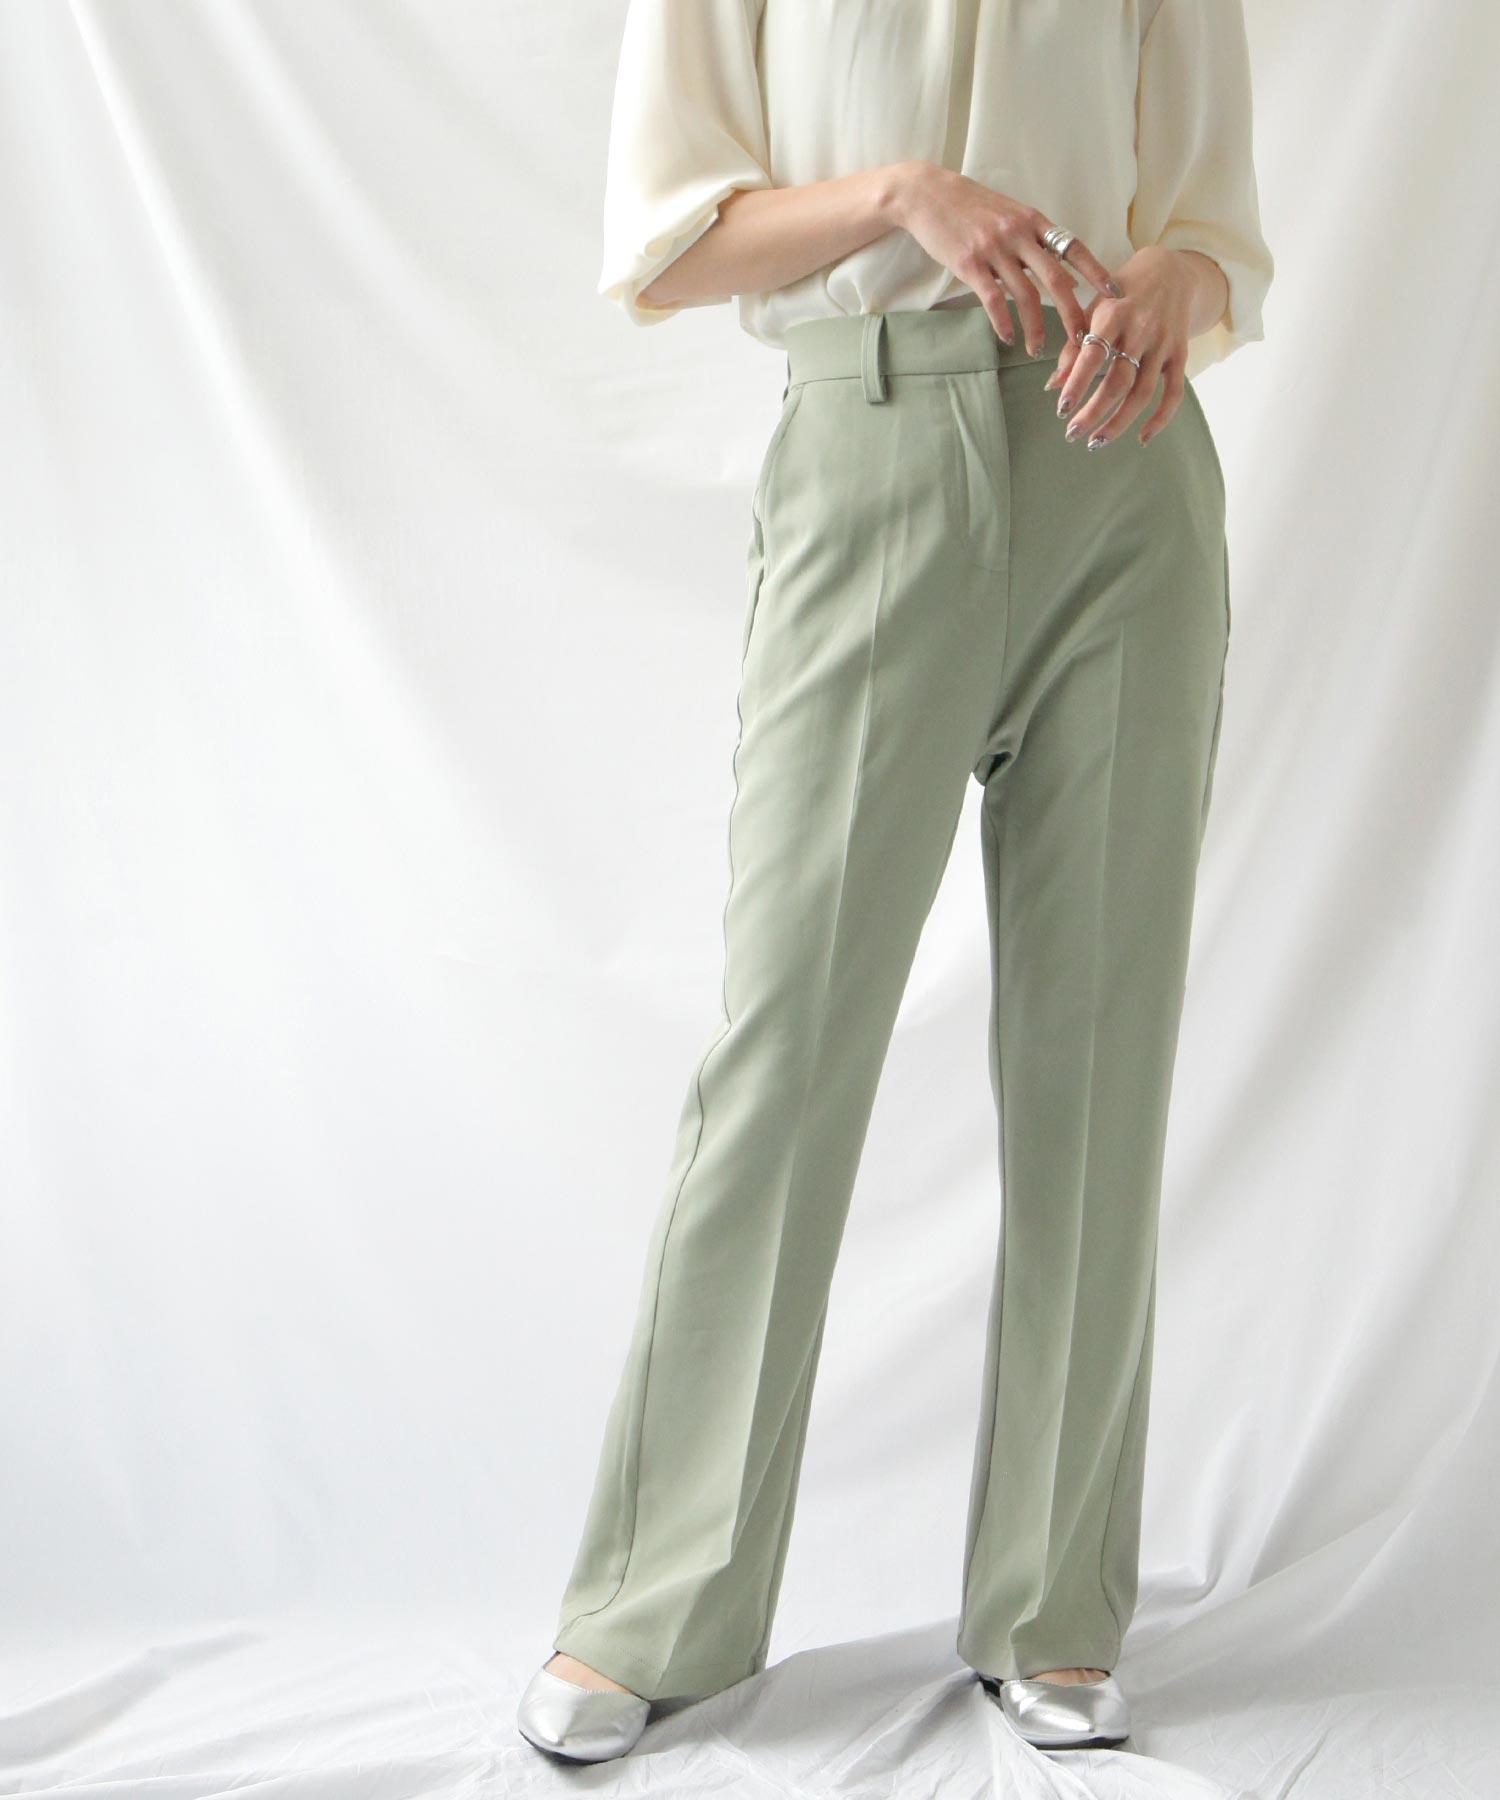 【Chillfar】中折線喇叭西裝褲